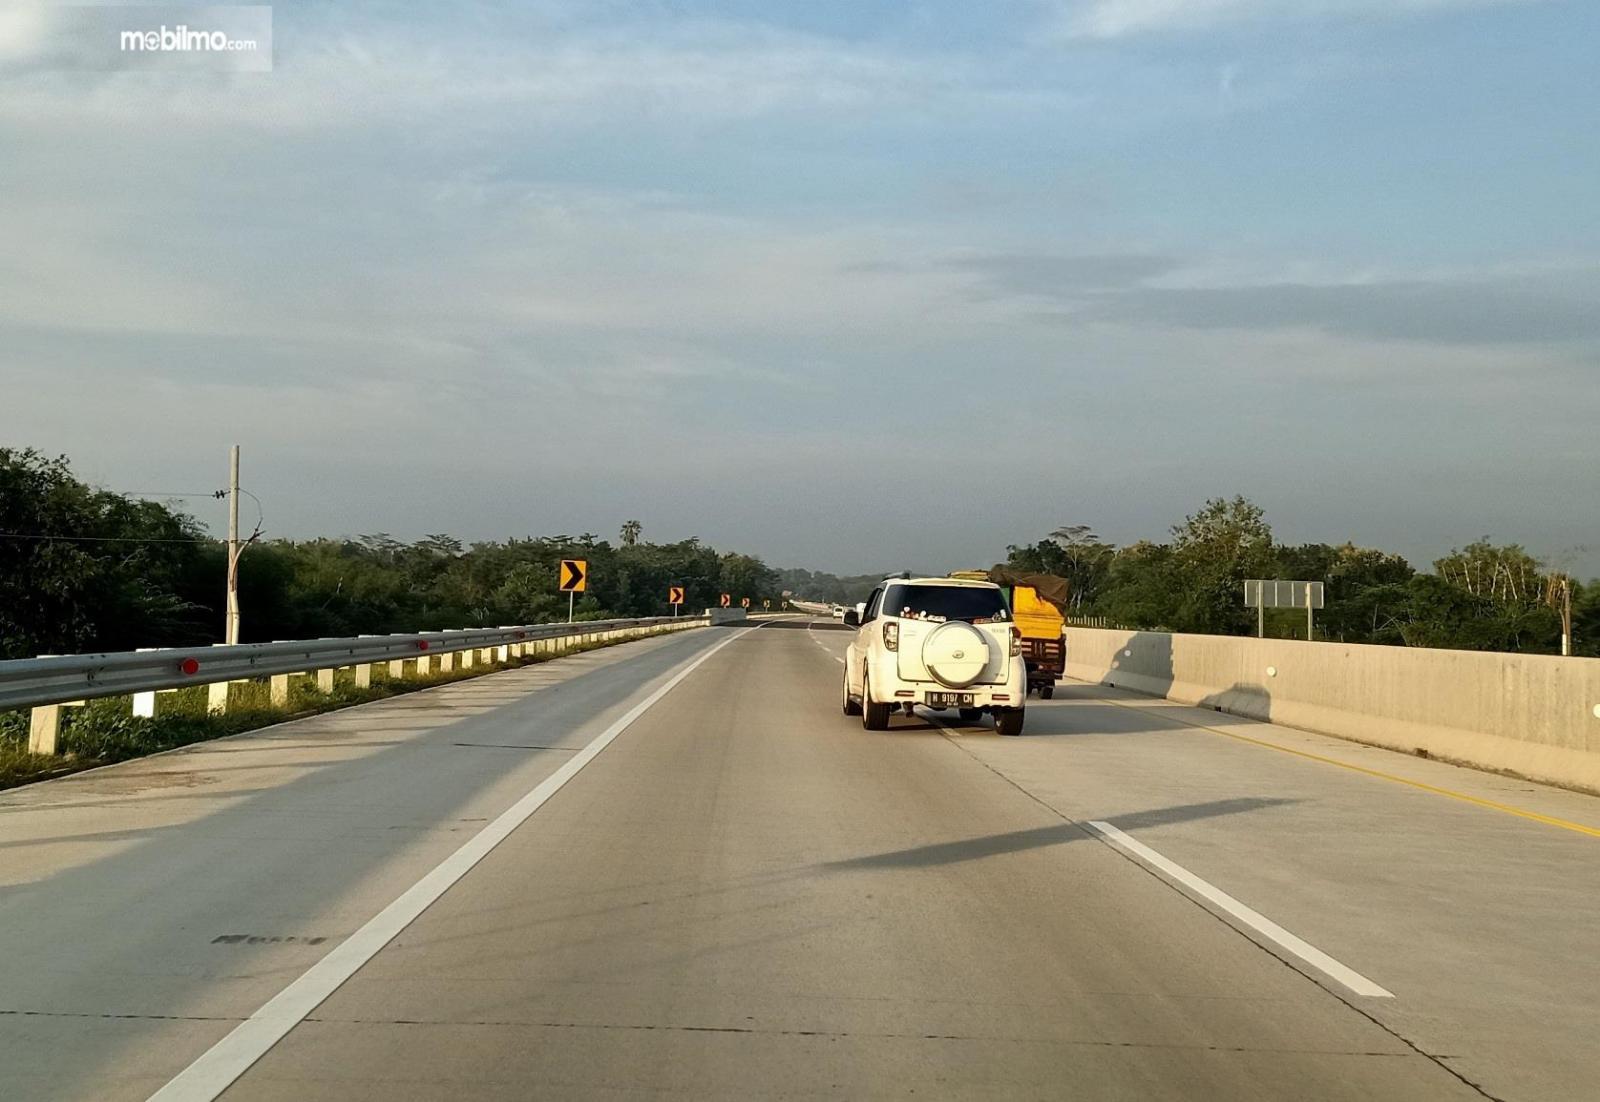 Foto menunjukkan mobil menyalip melalui lajur kiri di jalan tol karena ada mobil berjalan pelan di lajur kanan